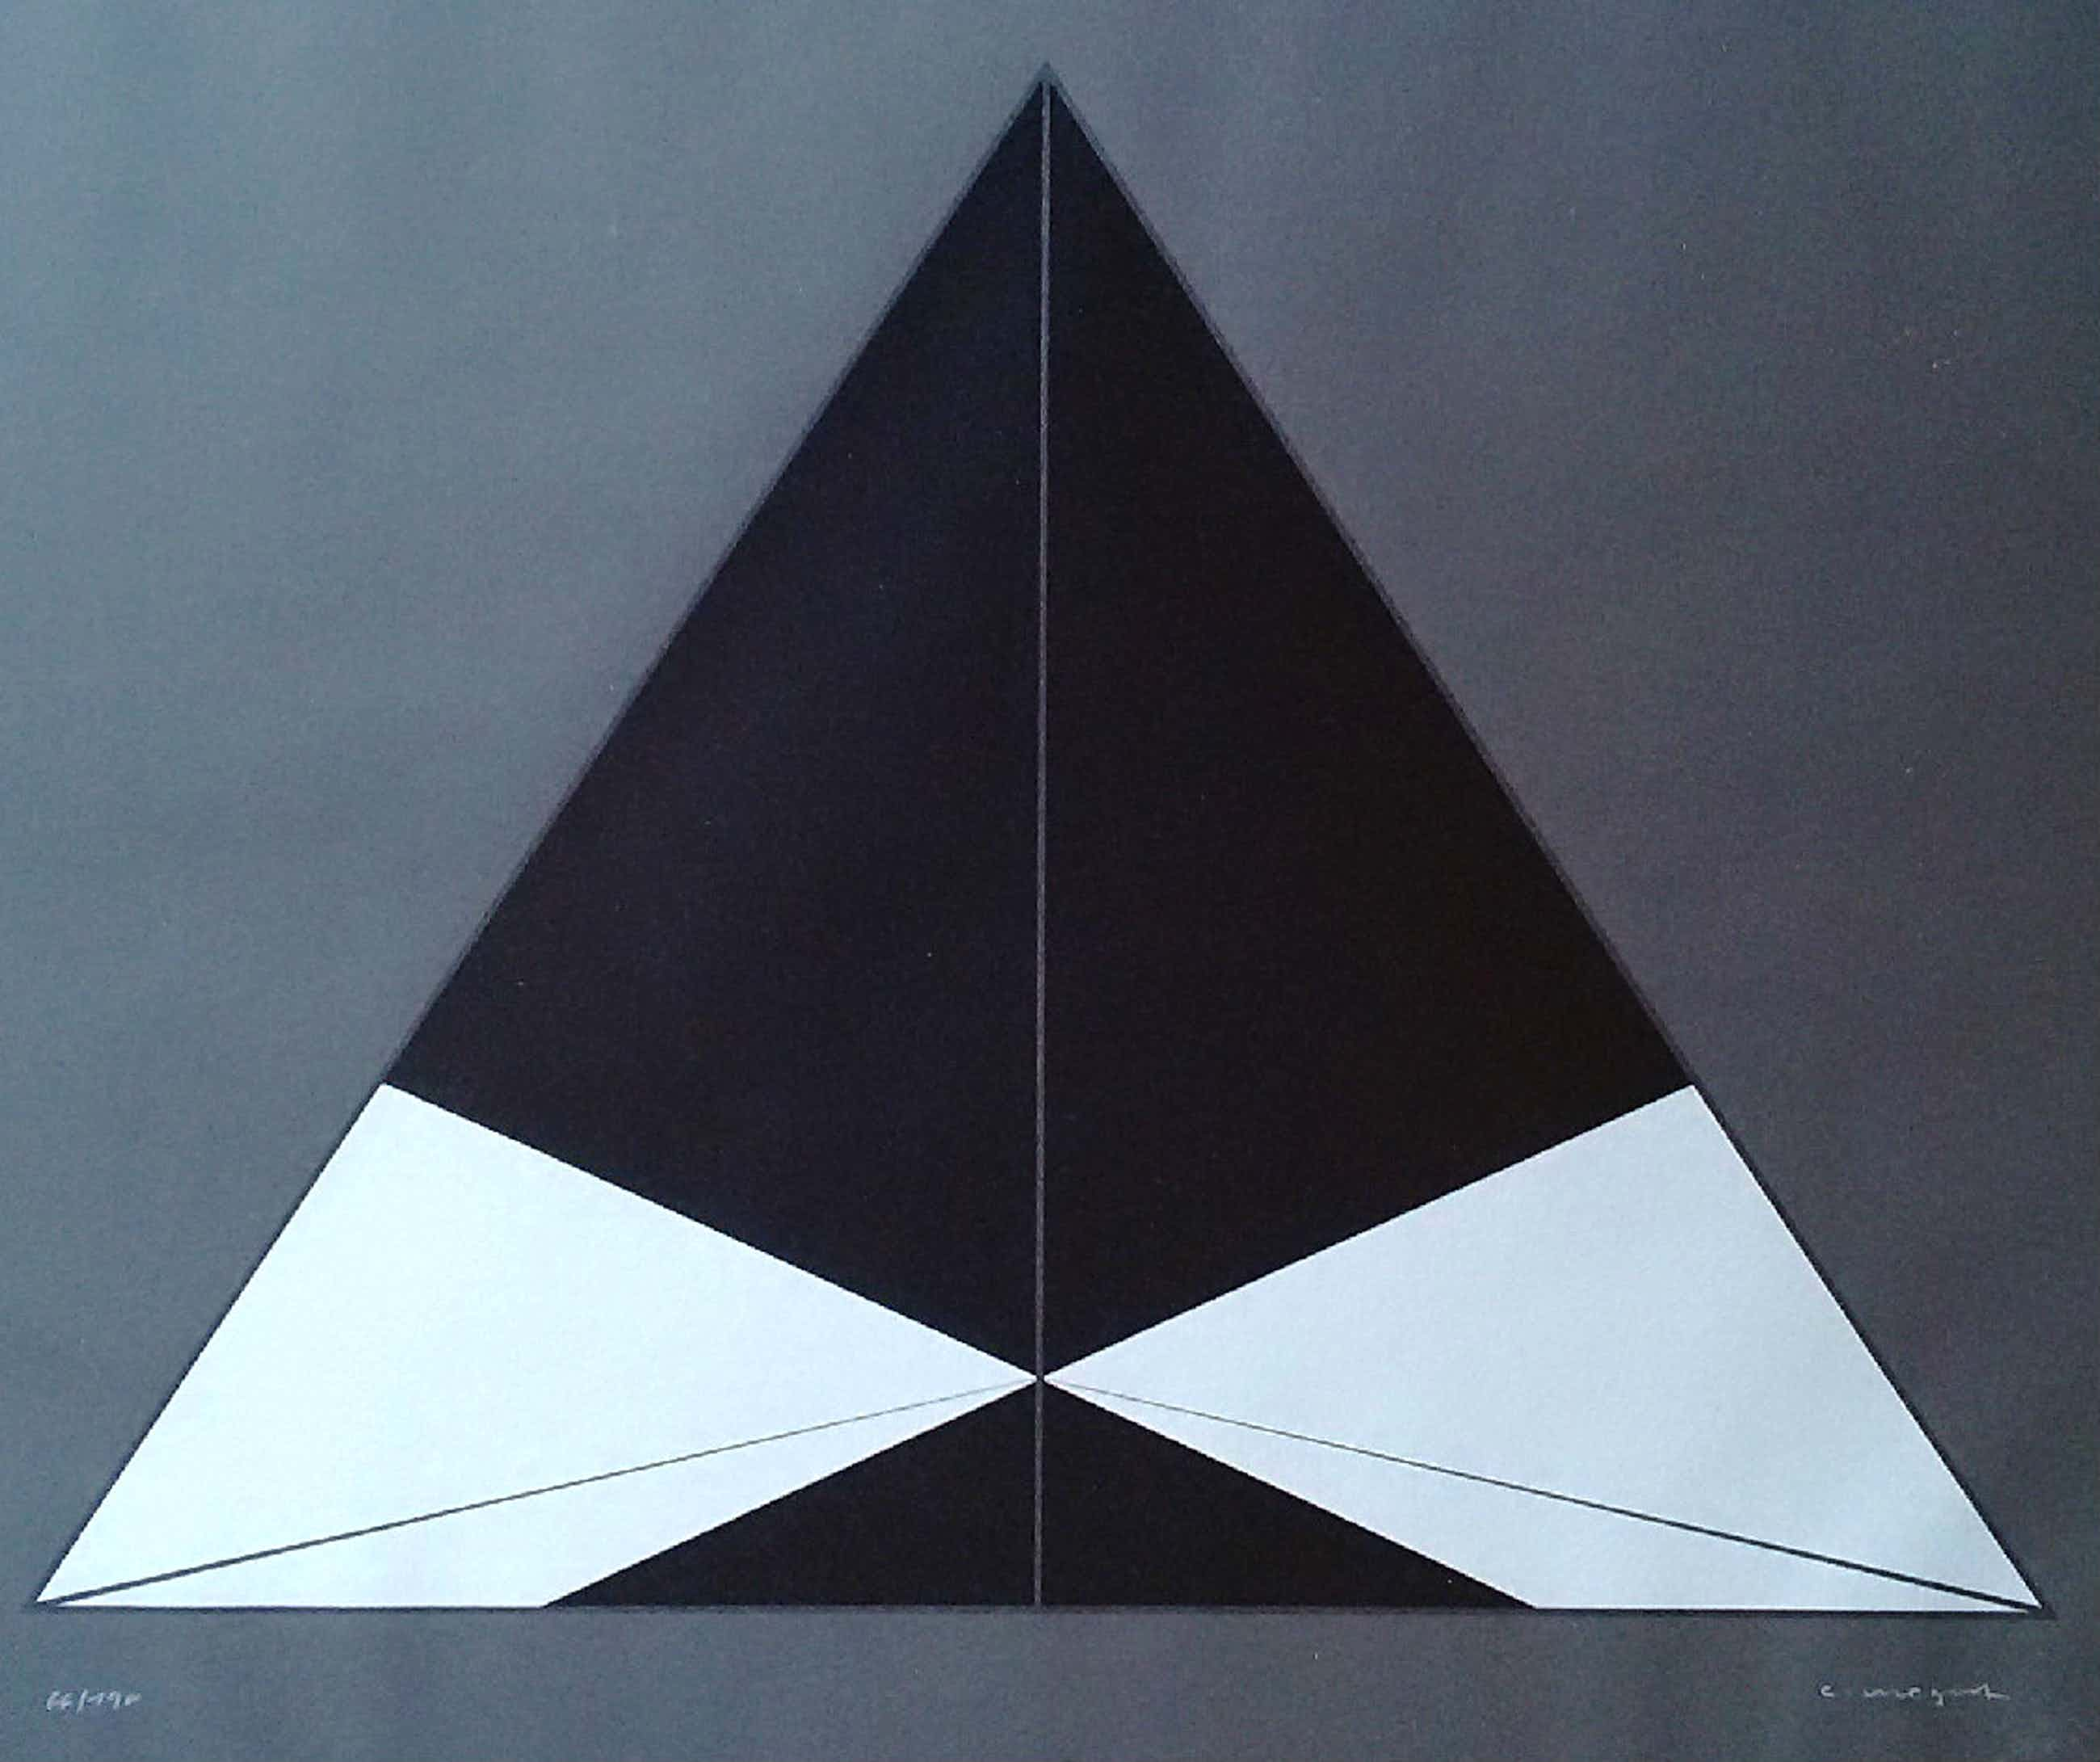 Christian Megert - Geometrisch abstracte compositie, zeefdruk kopen? Bied vanaf 95!